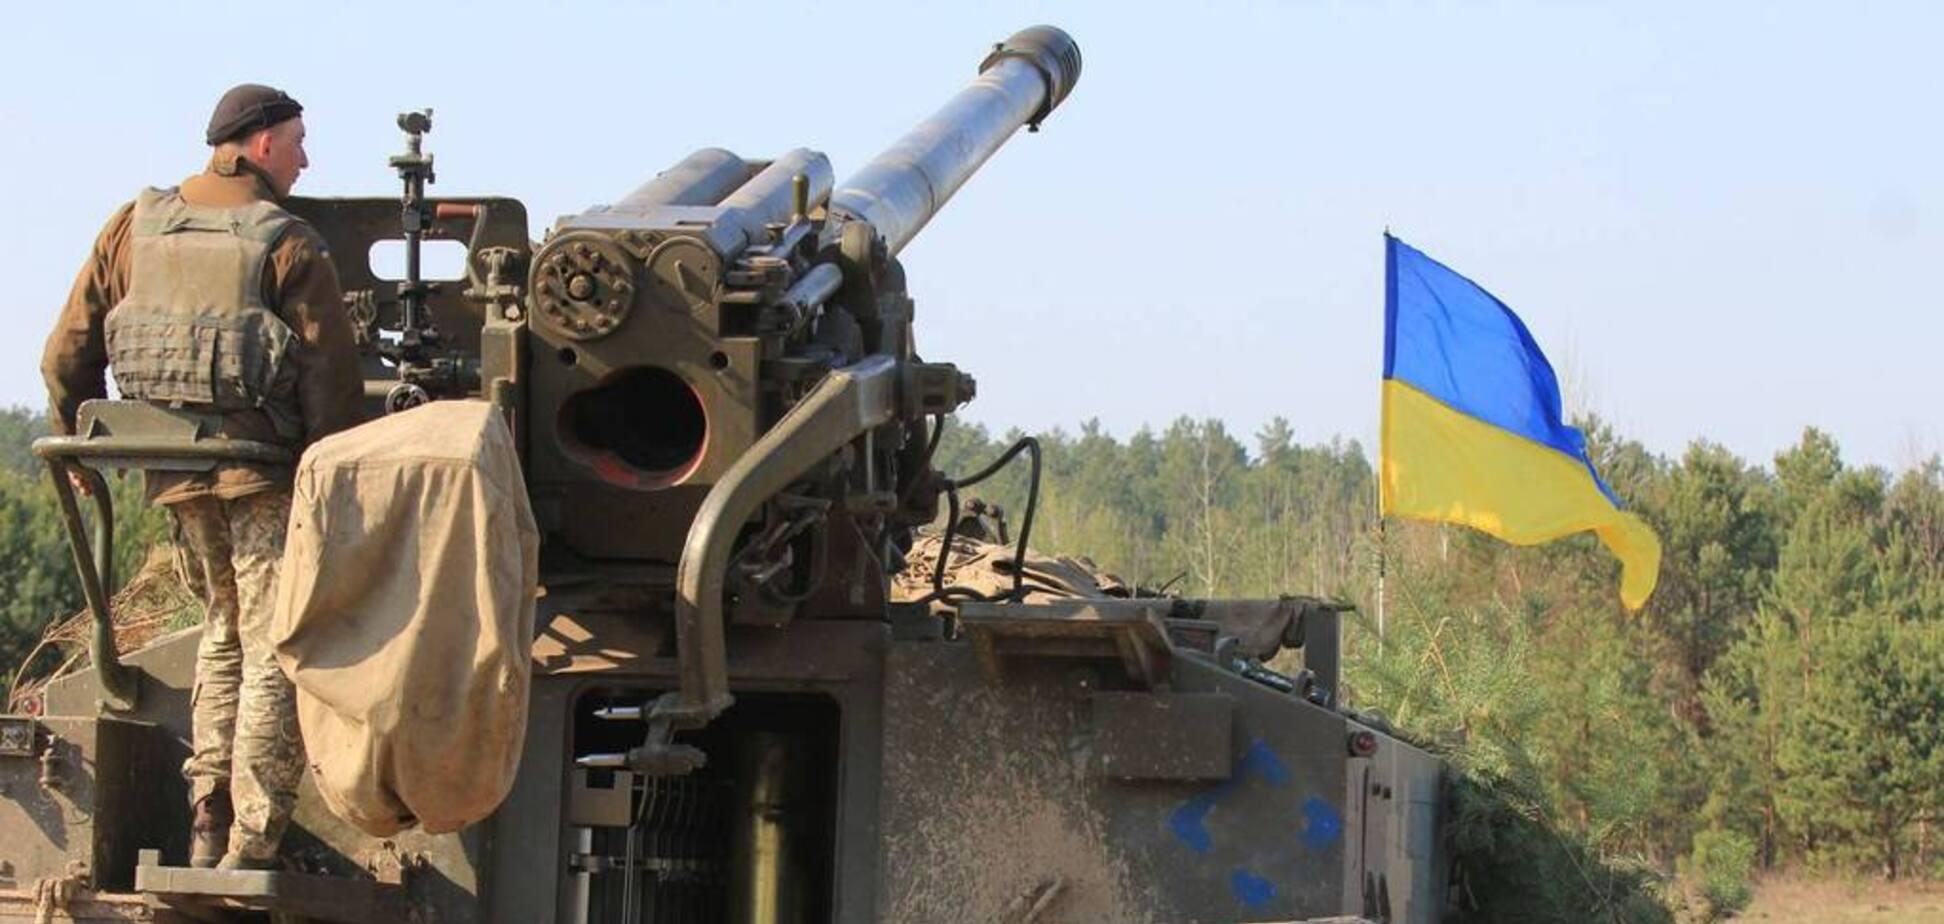 'Цель поражена!' Украинские 'боги войны' успешно 'отбили' атаку. Фоторепортаж